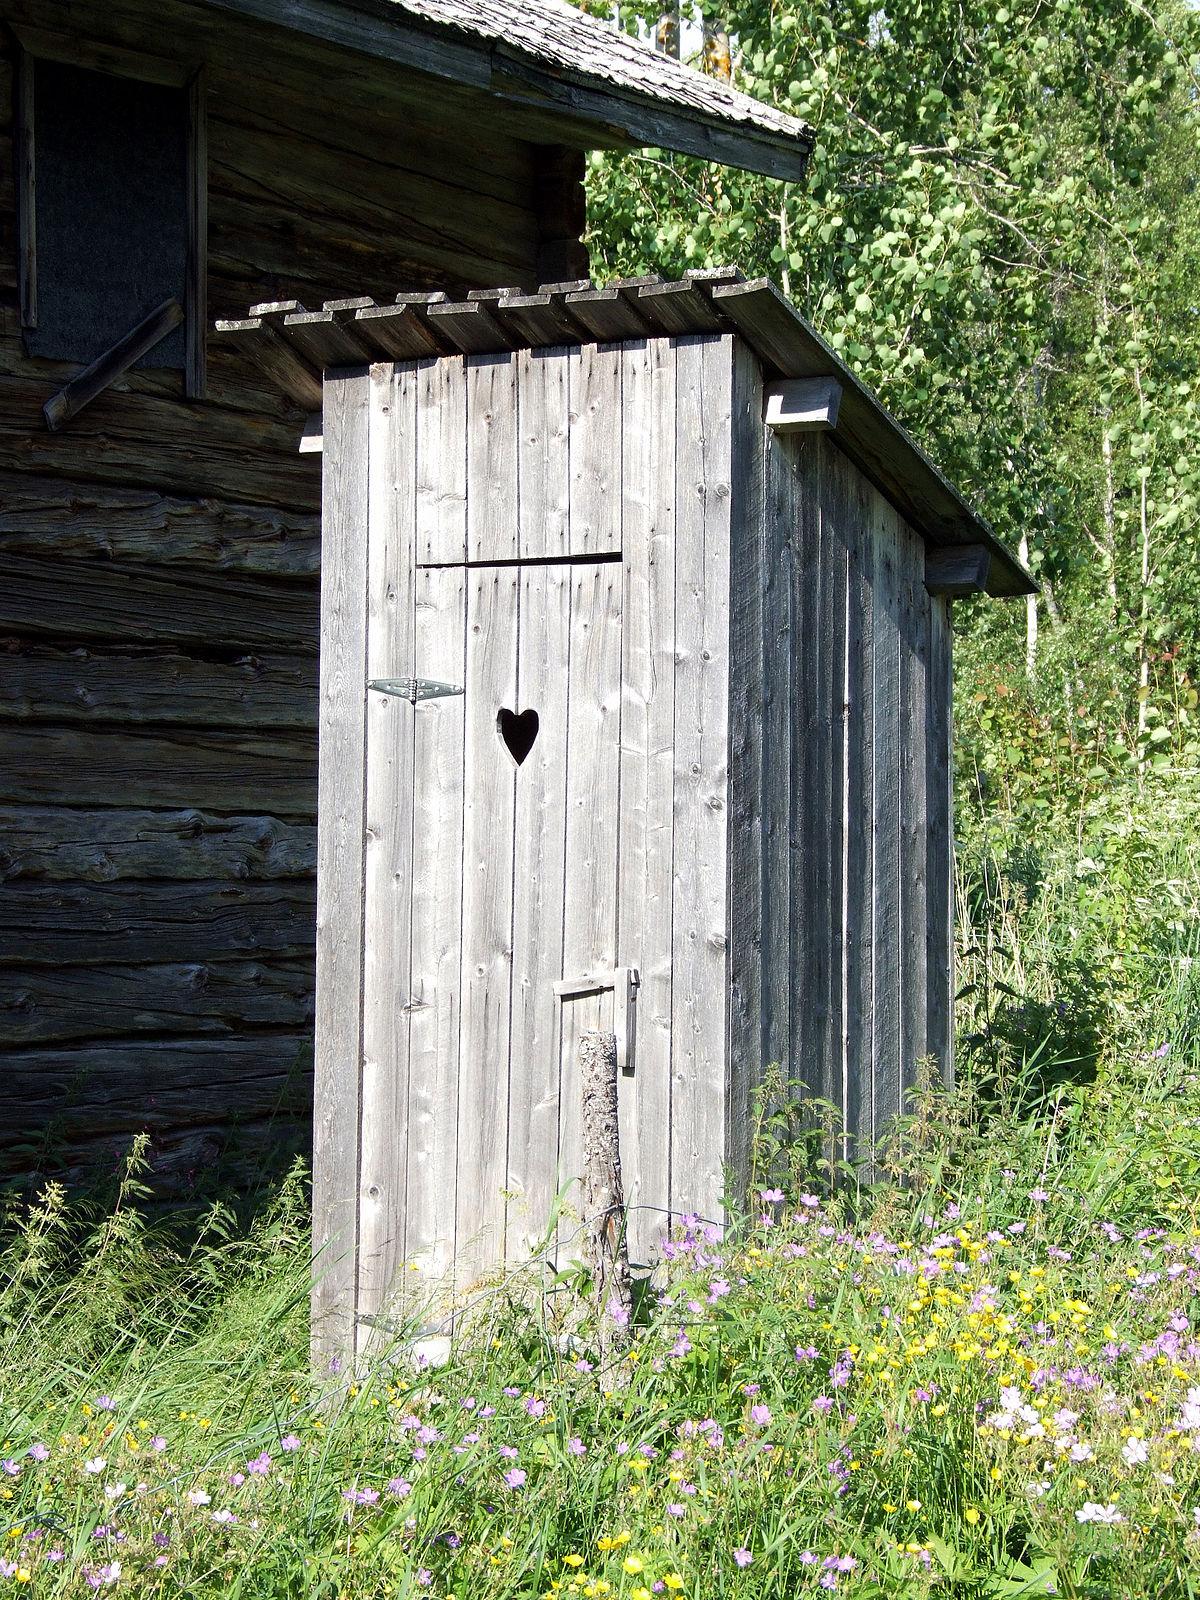 A Home That S Modern Inside And Out: Wikisłownik, Wolny Słownik Wielojęzyczny